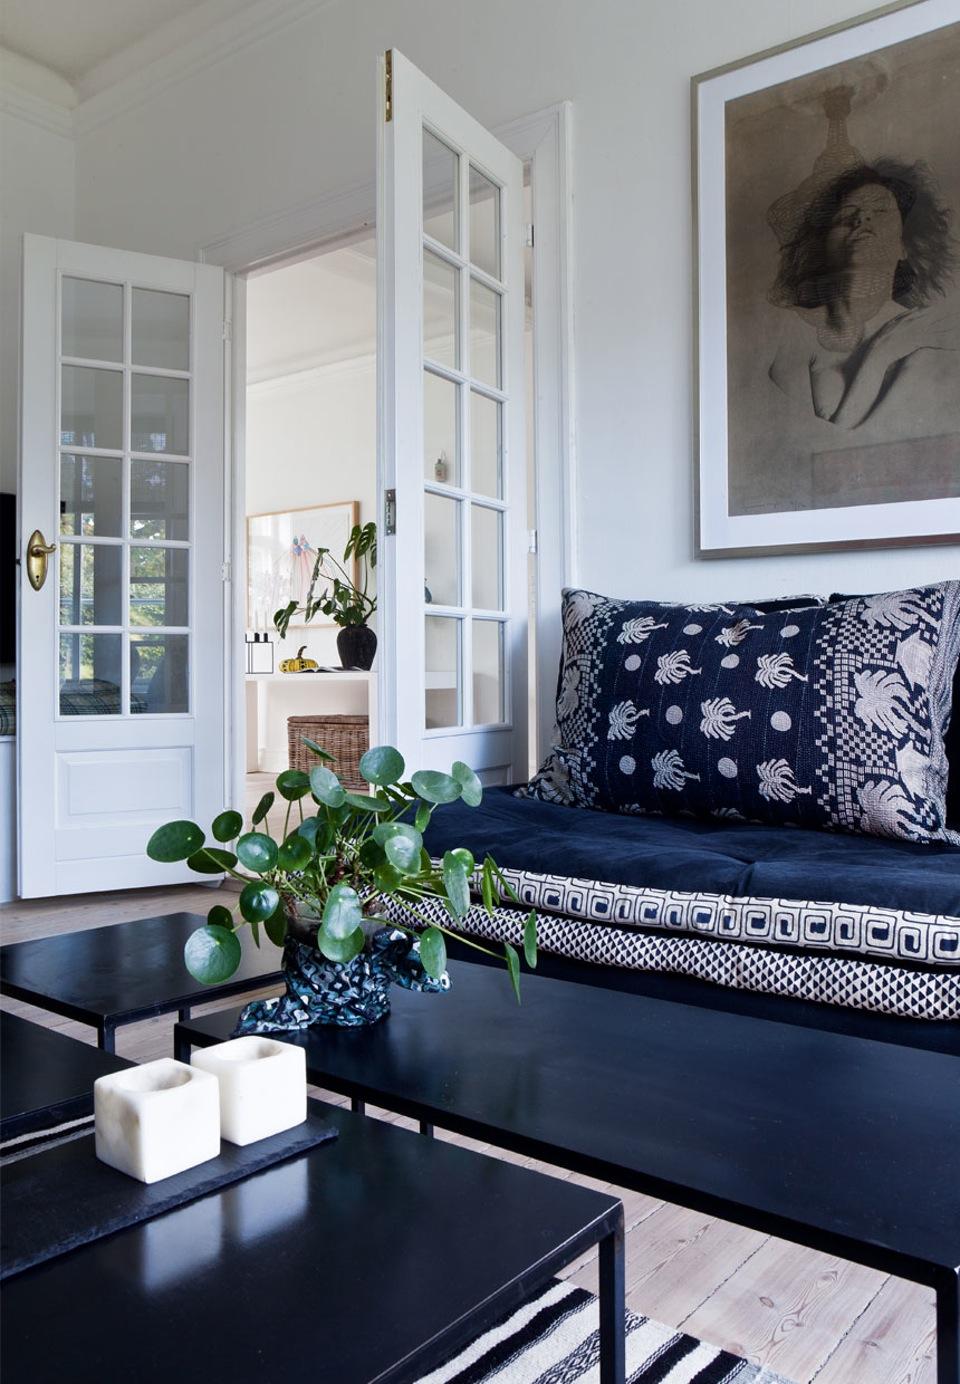 inspiration d co en bleu indigo et blanc. Black Bedroom Furniture Sets. Home Design Ideas